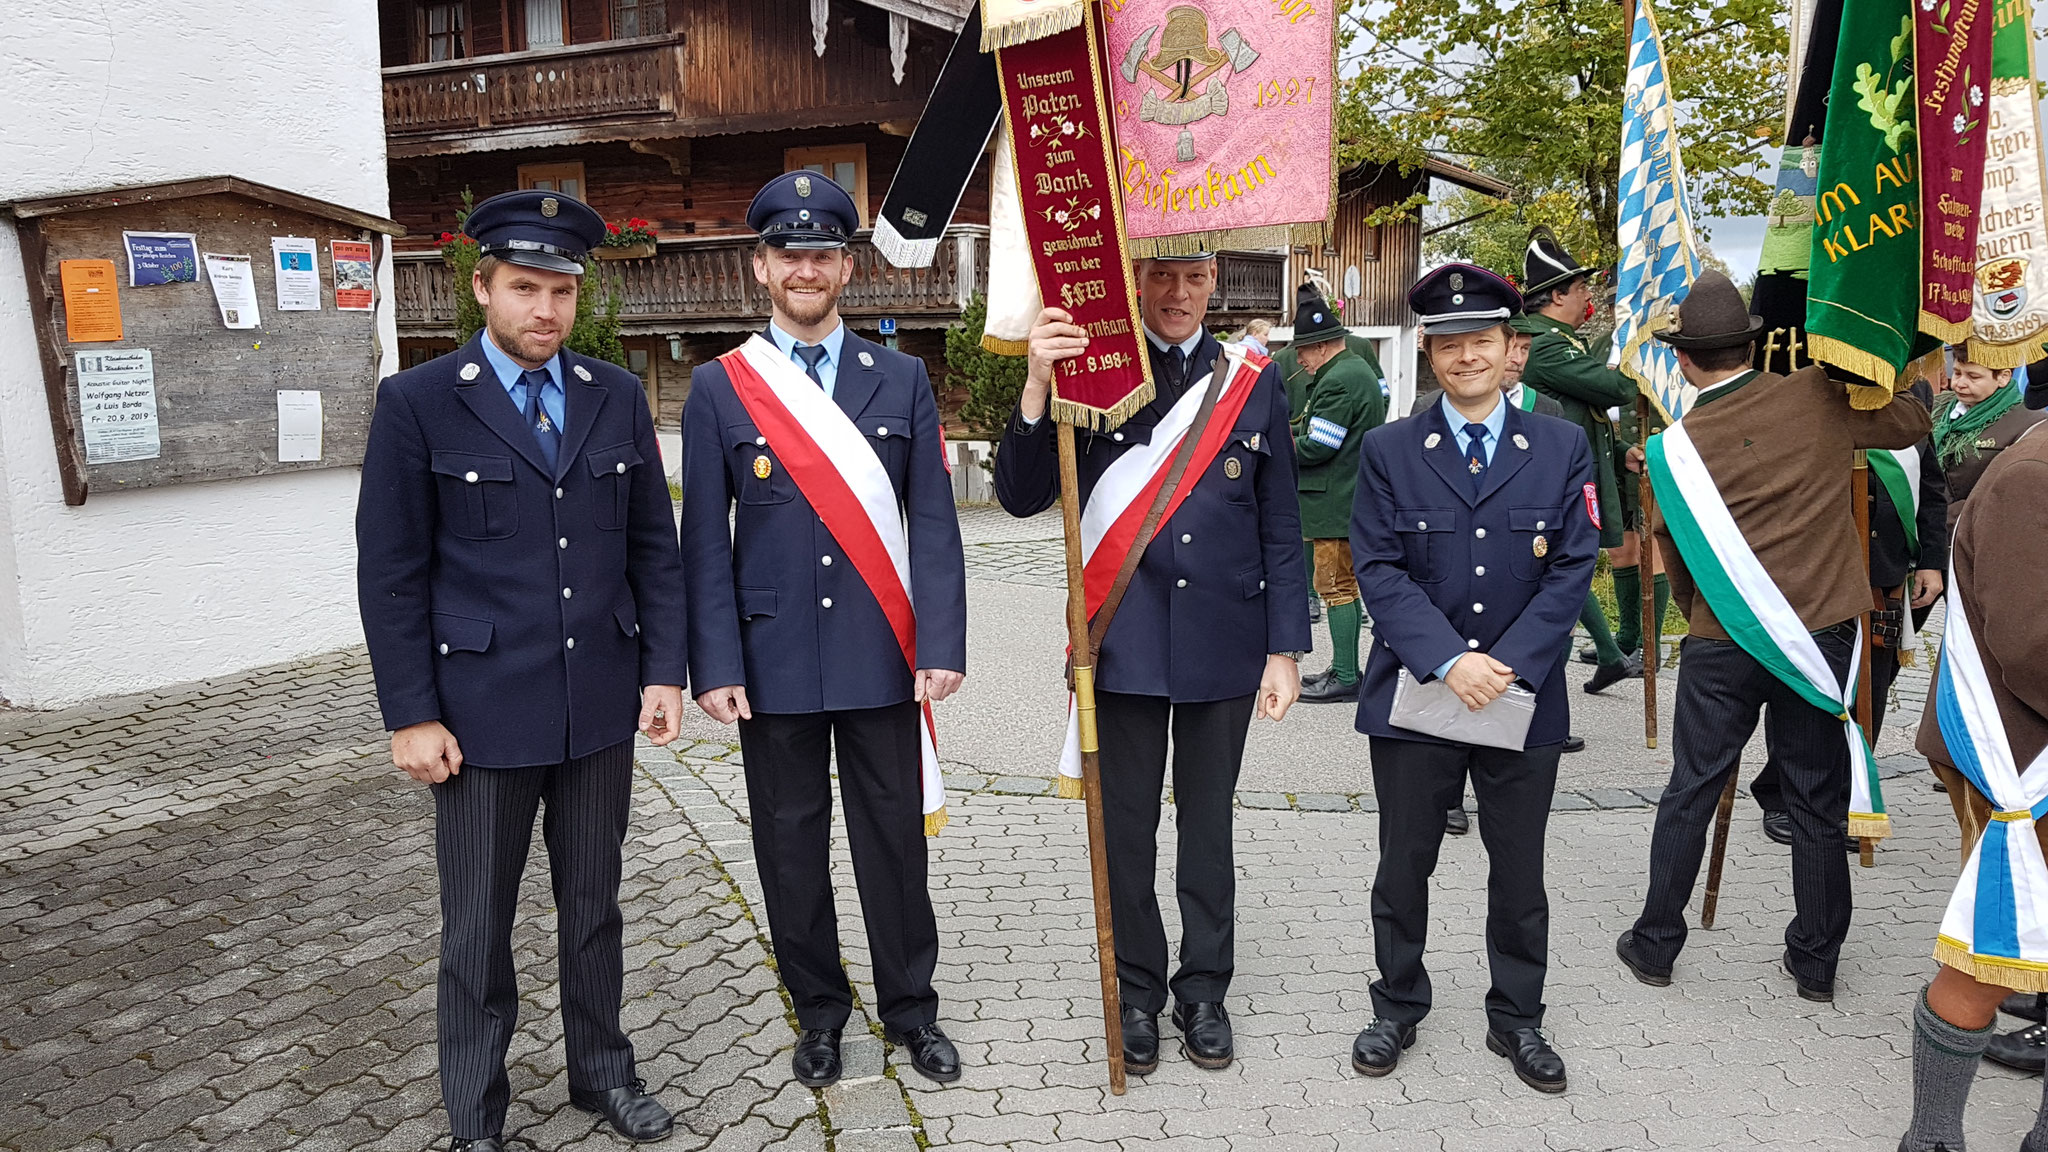 100-jähriges der Knappenkapelle Marienstein-Waakirchen am 3. Oktober 2019